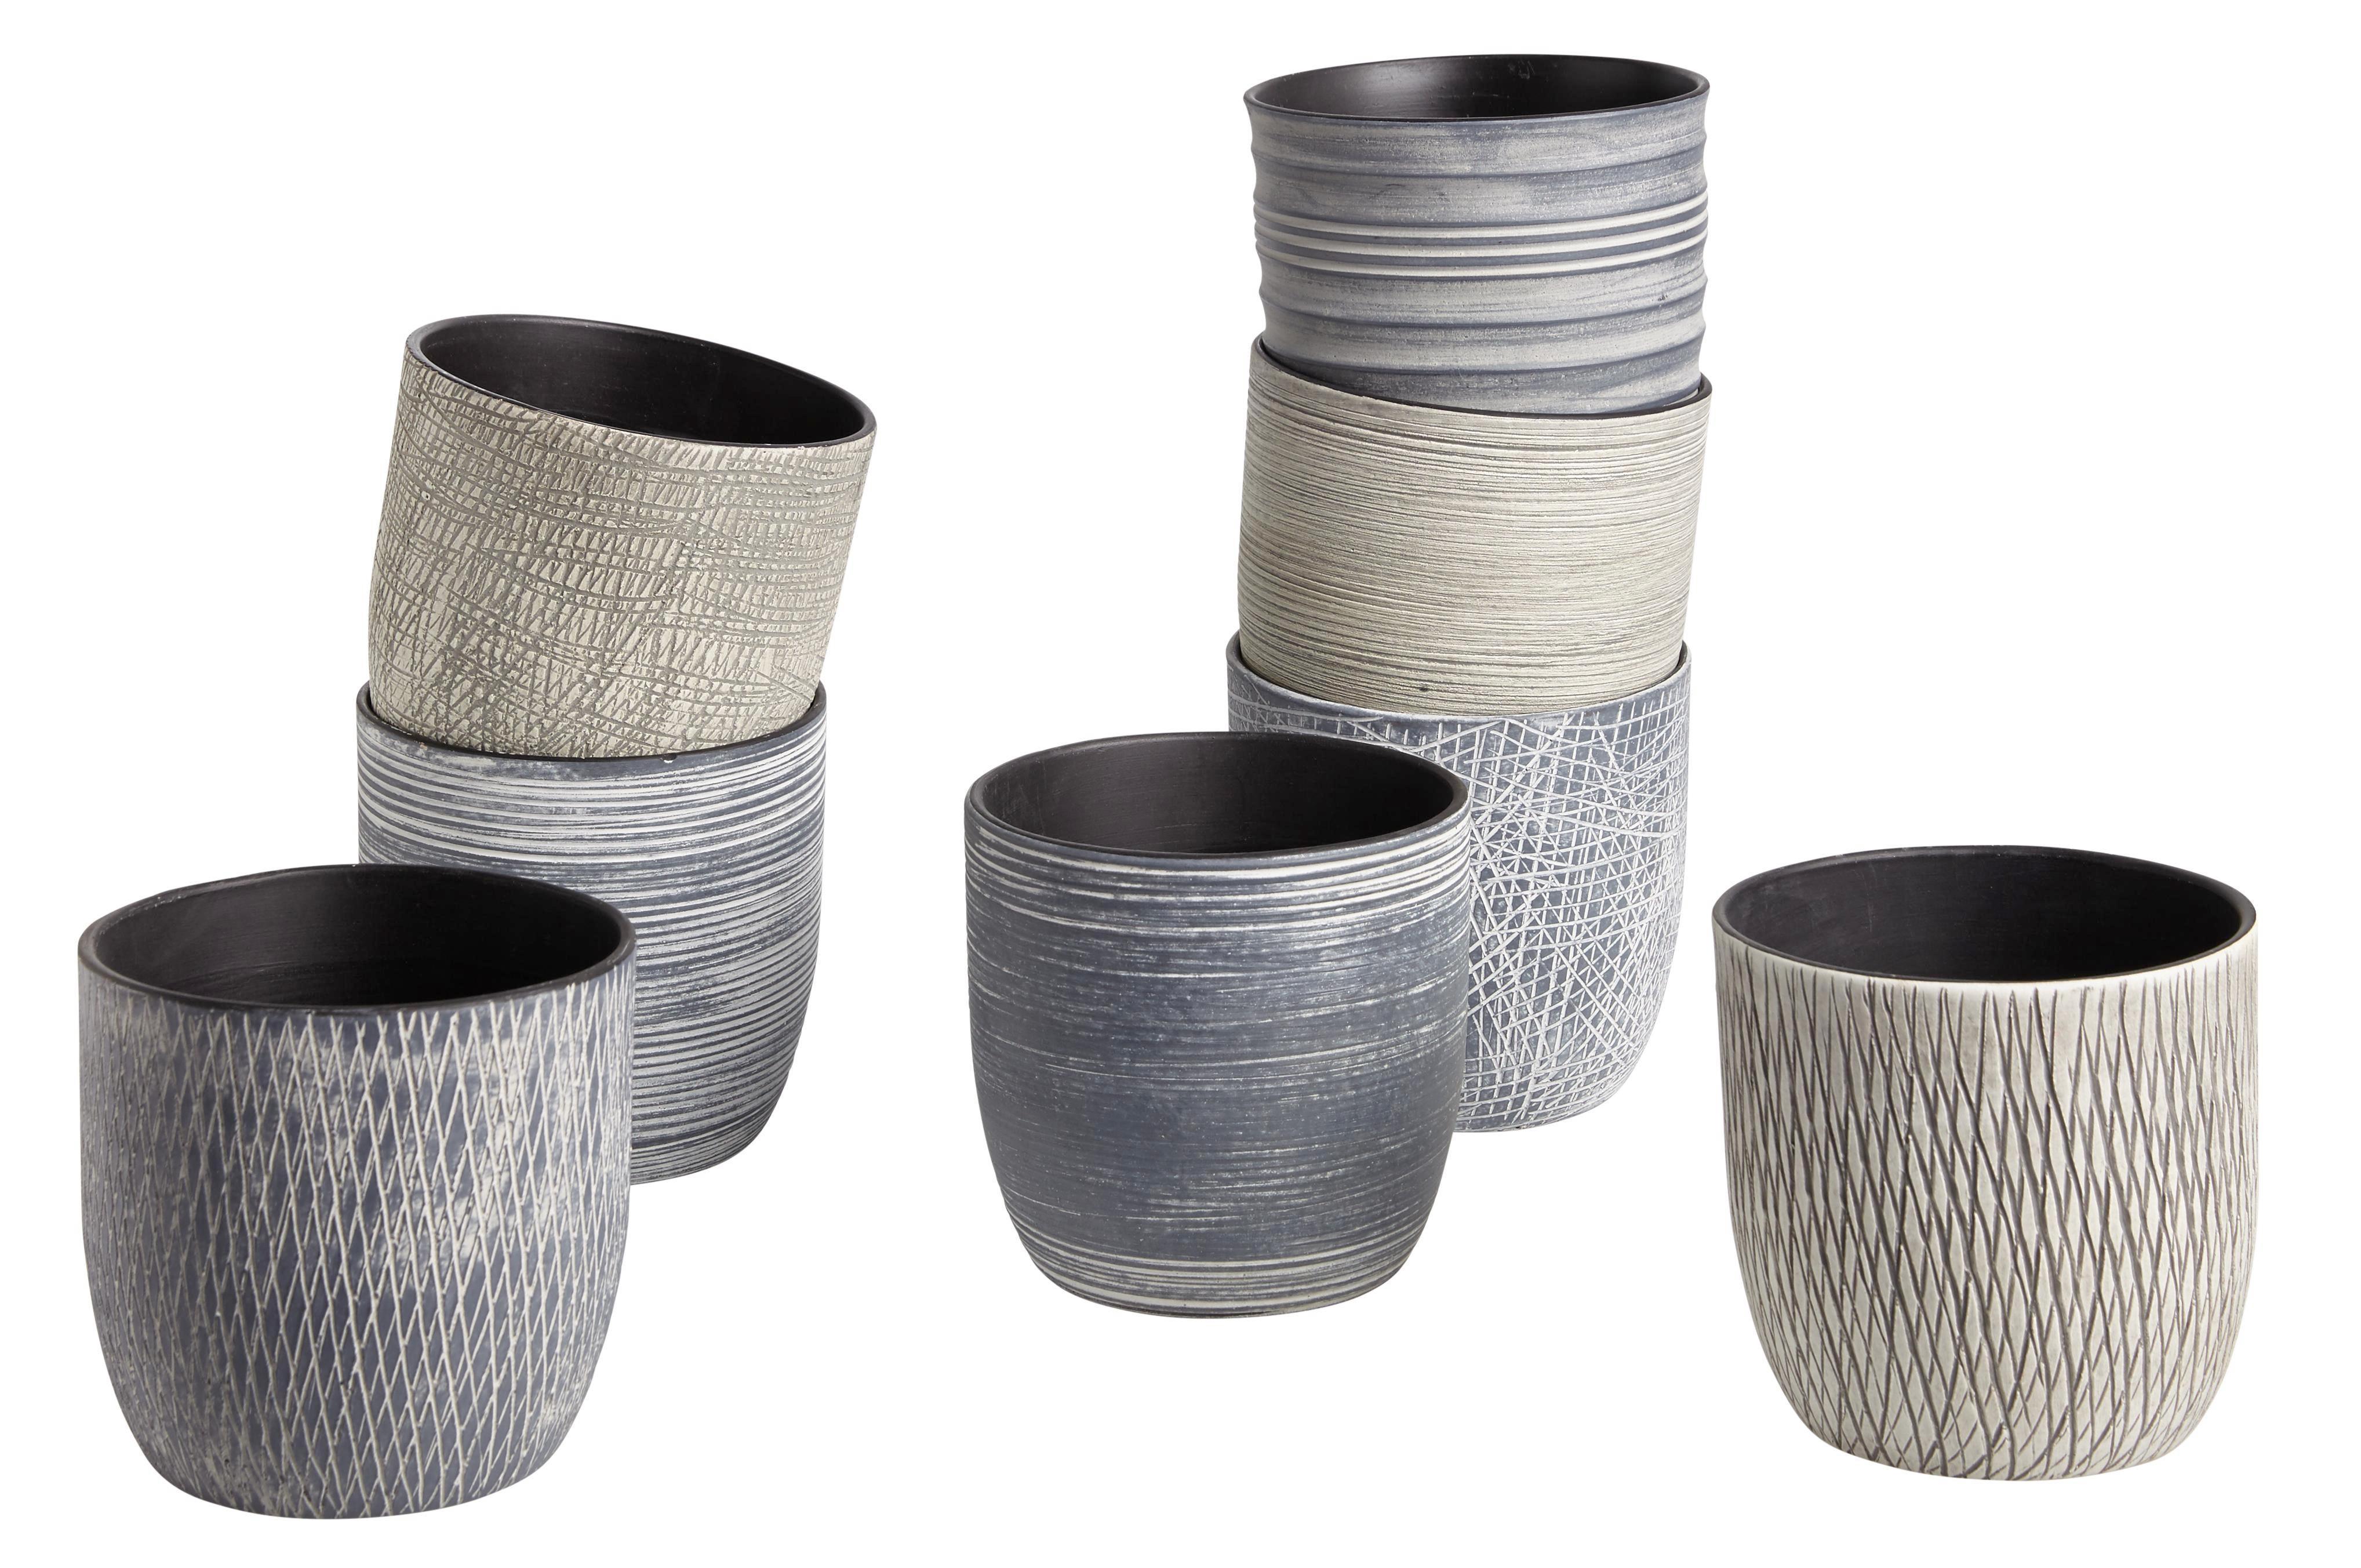 Blumentopf Susi aus Keramik - Hellgrau/Grau, ROMANTIK / LANDHAUS, Keramik (14/13cm) - MÖMAX modern living